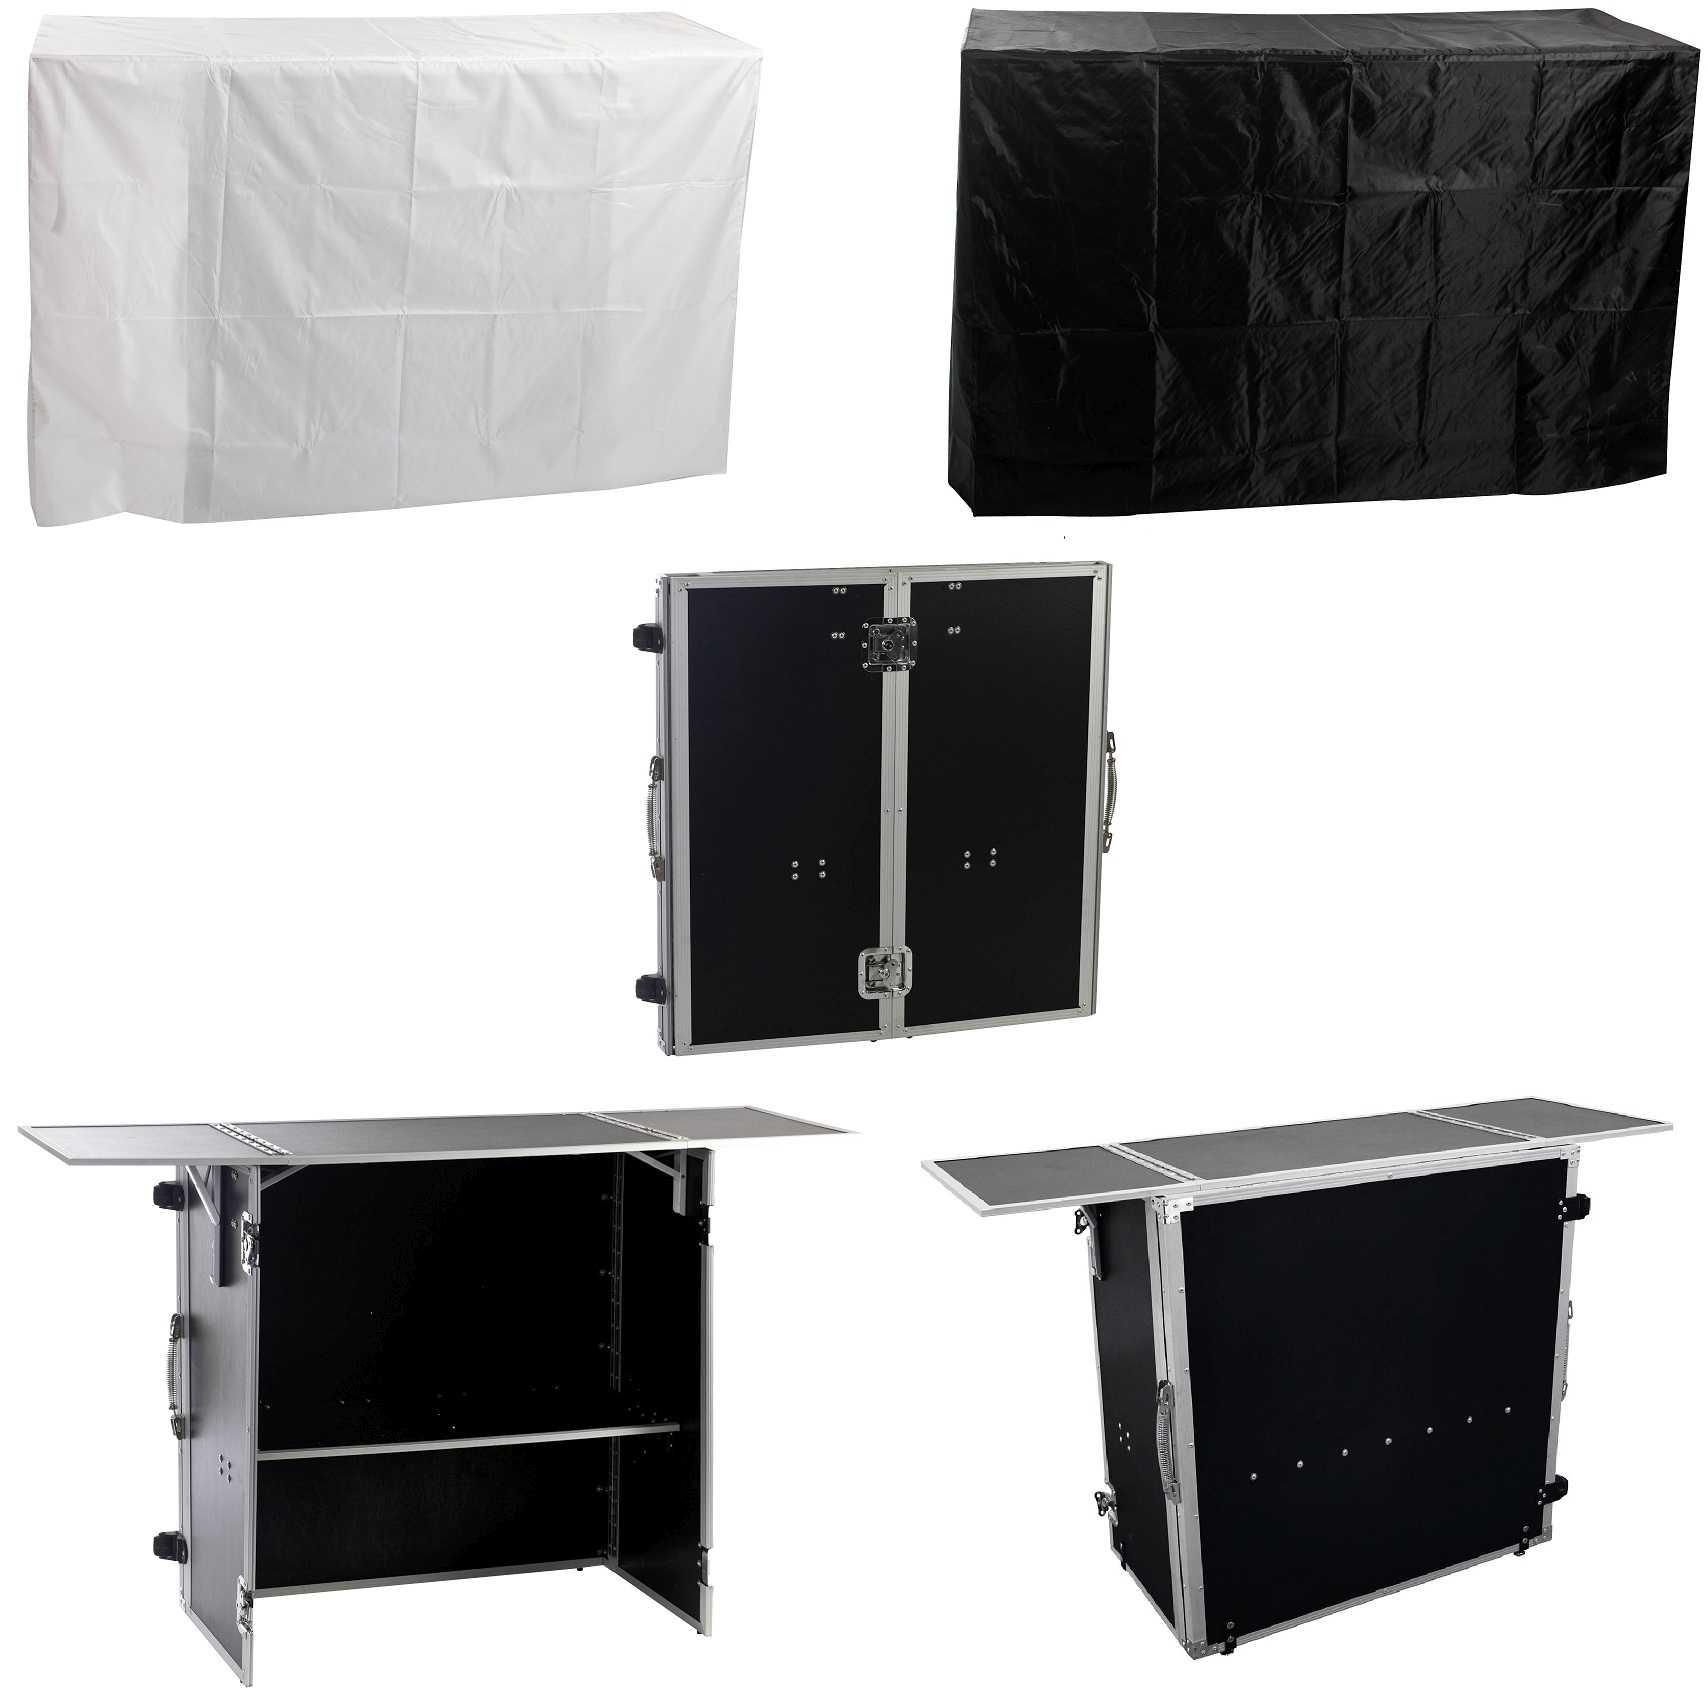 Dj Tisch Zusammenklappbar Portabler Dj Tisch Case Info Desk